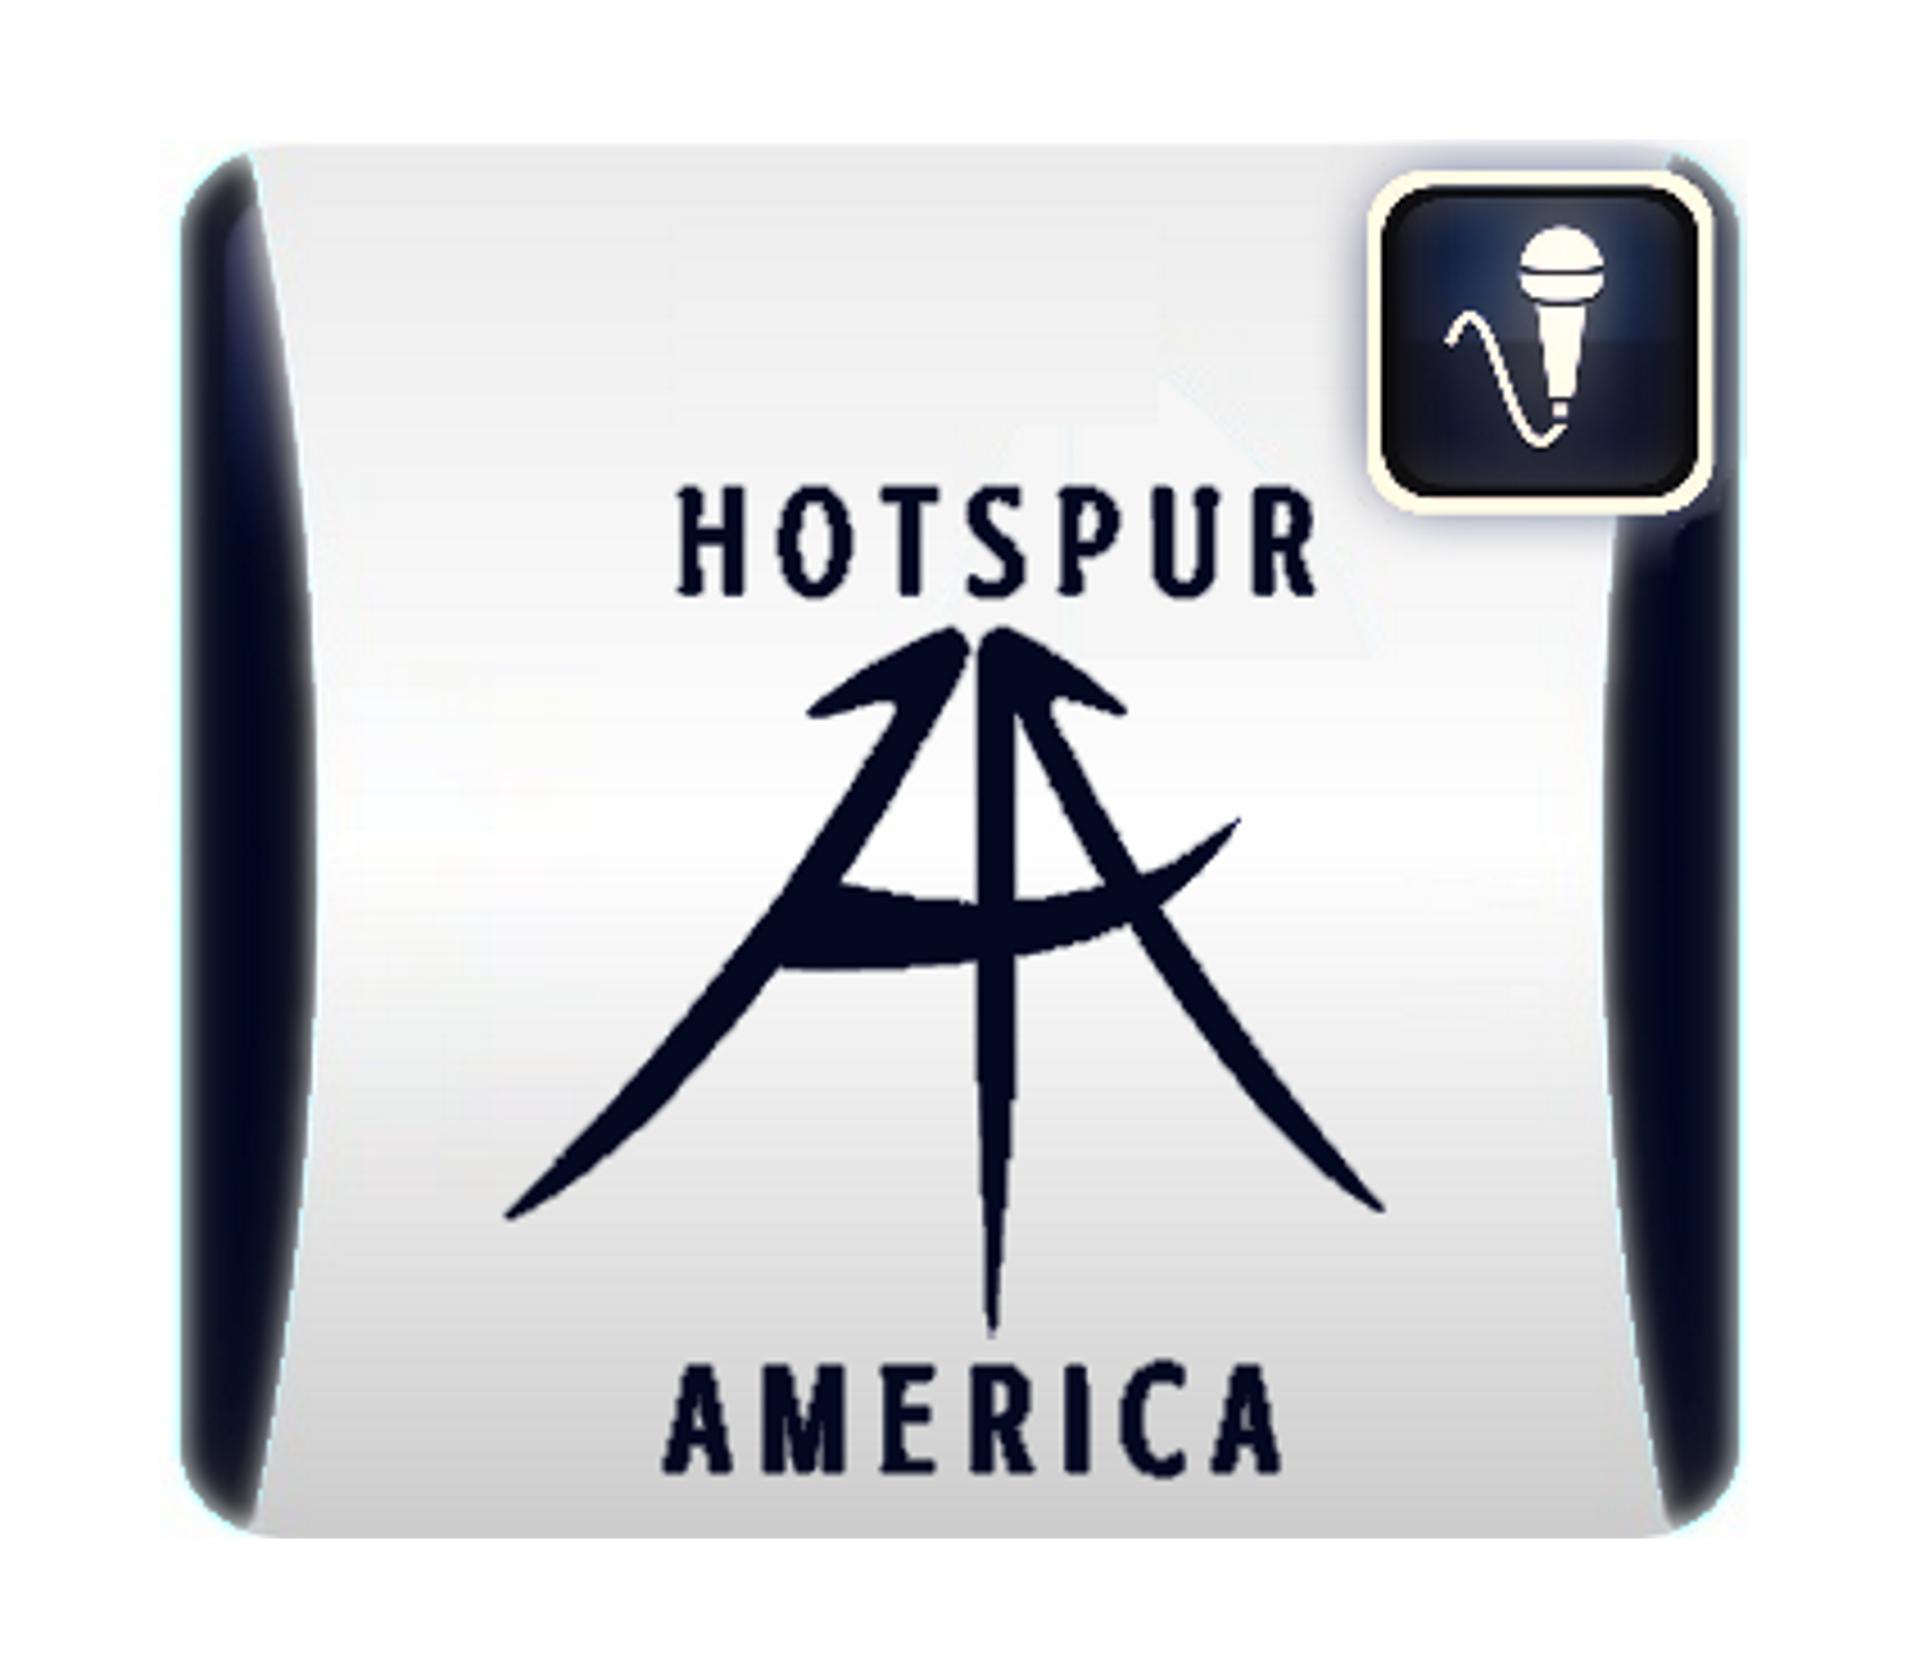 HotspurAmerica's tracks